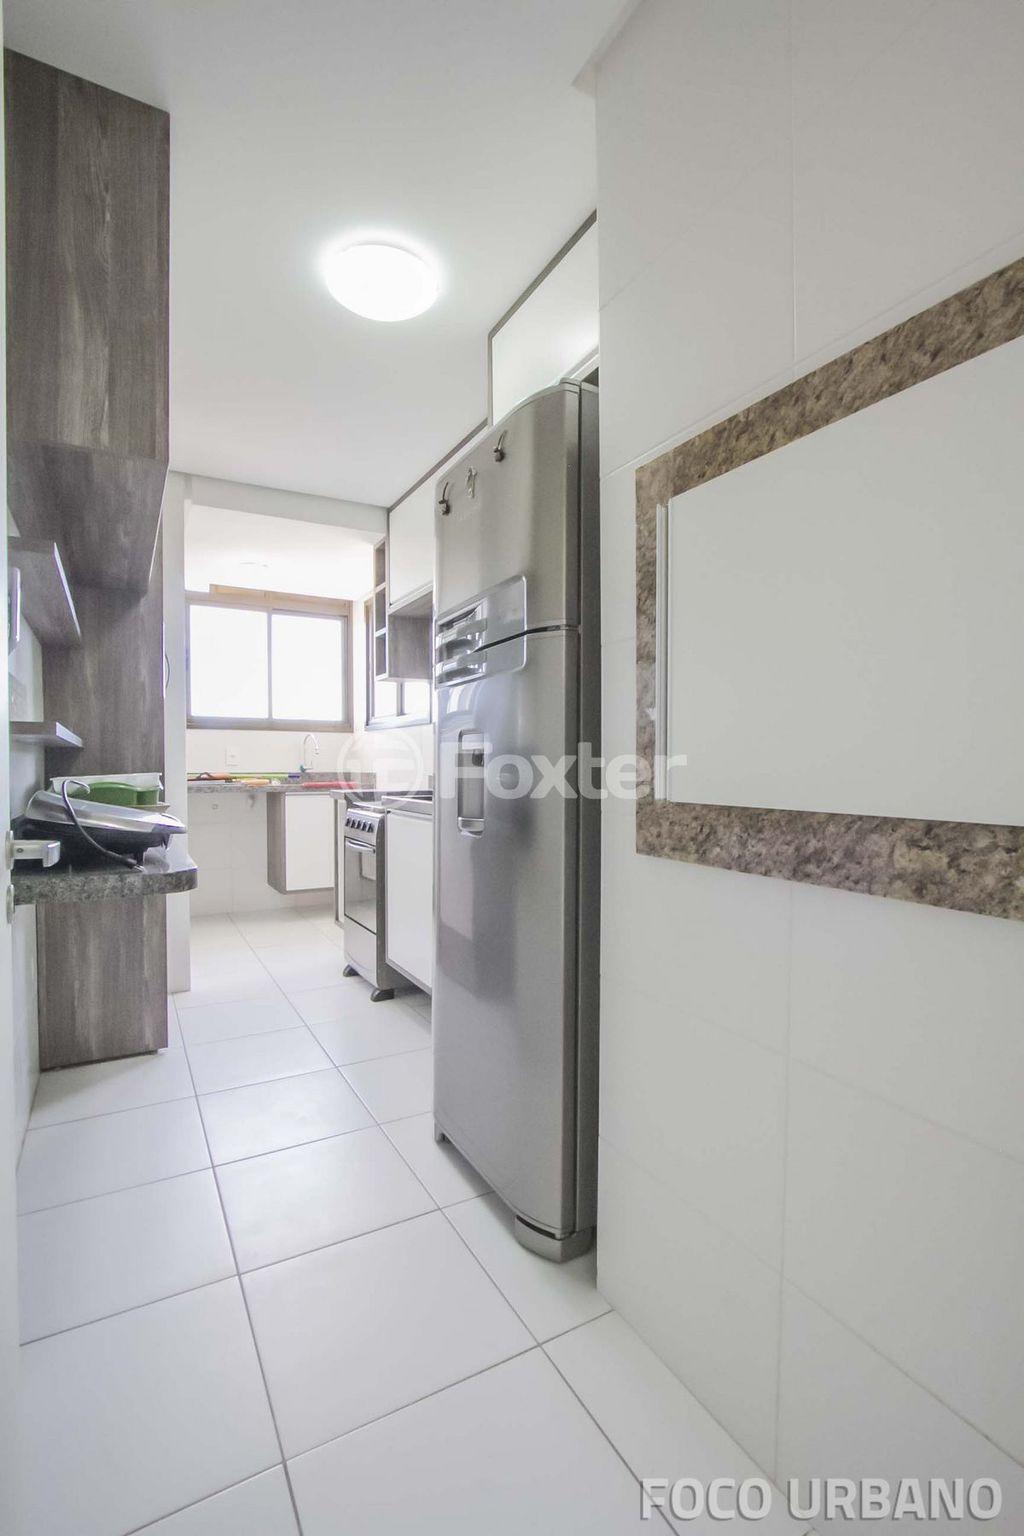 Foxter Imobiliária - Apto 2 Dorm, Cristo Redentor - Foto 30